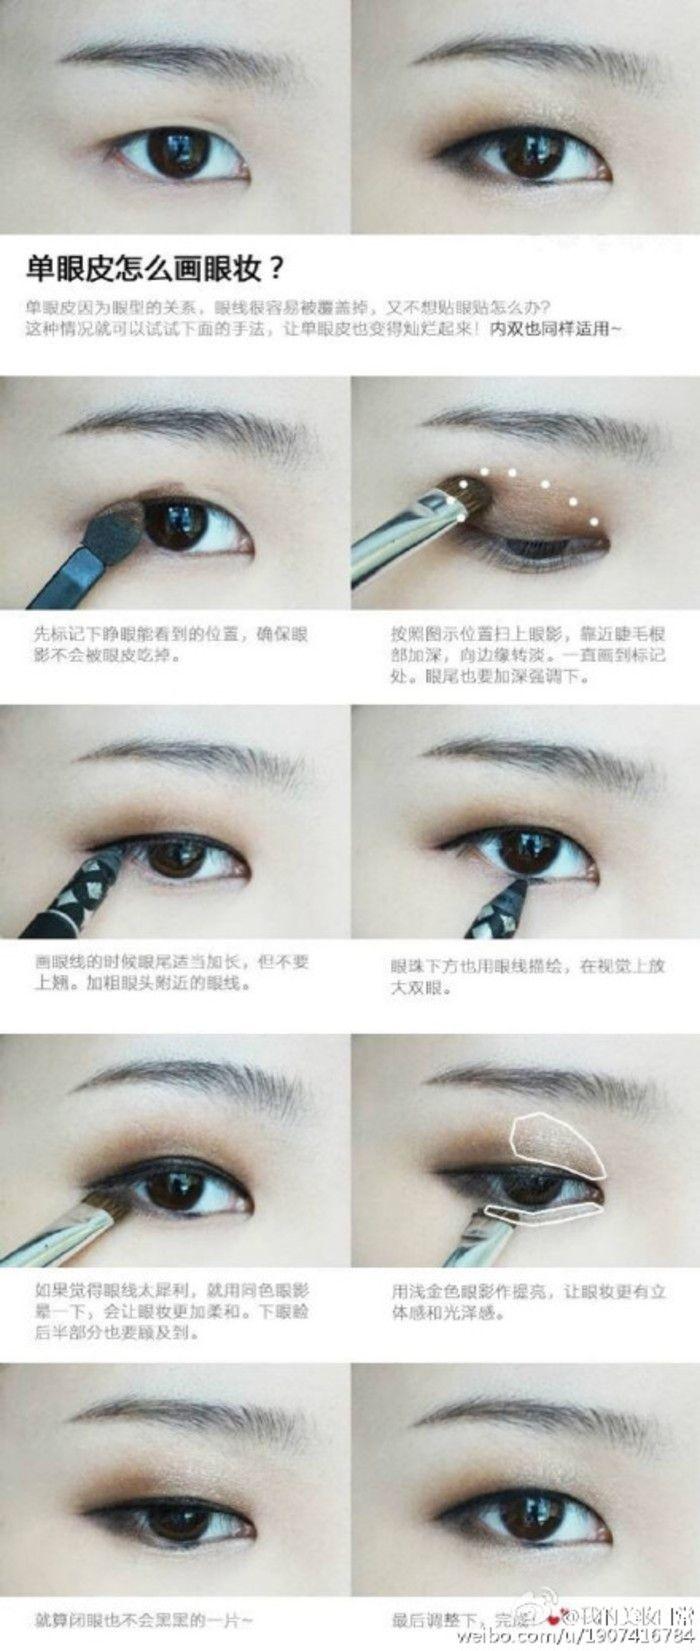 Single eyelid make up